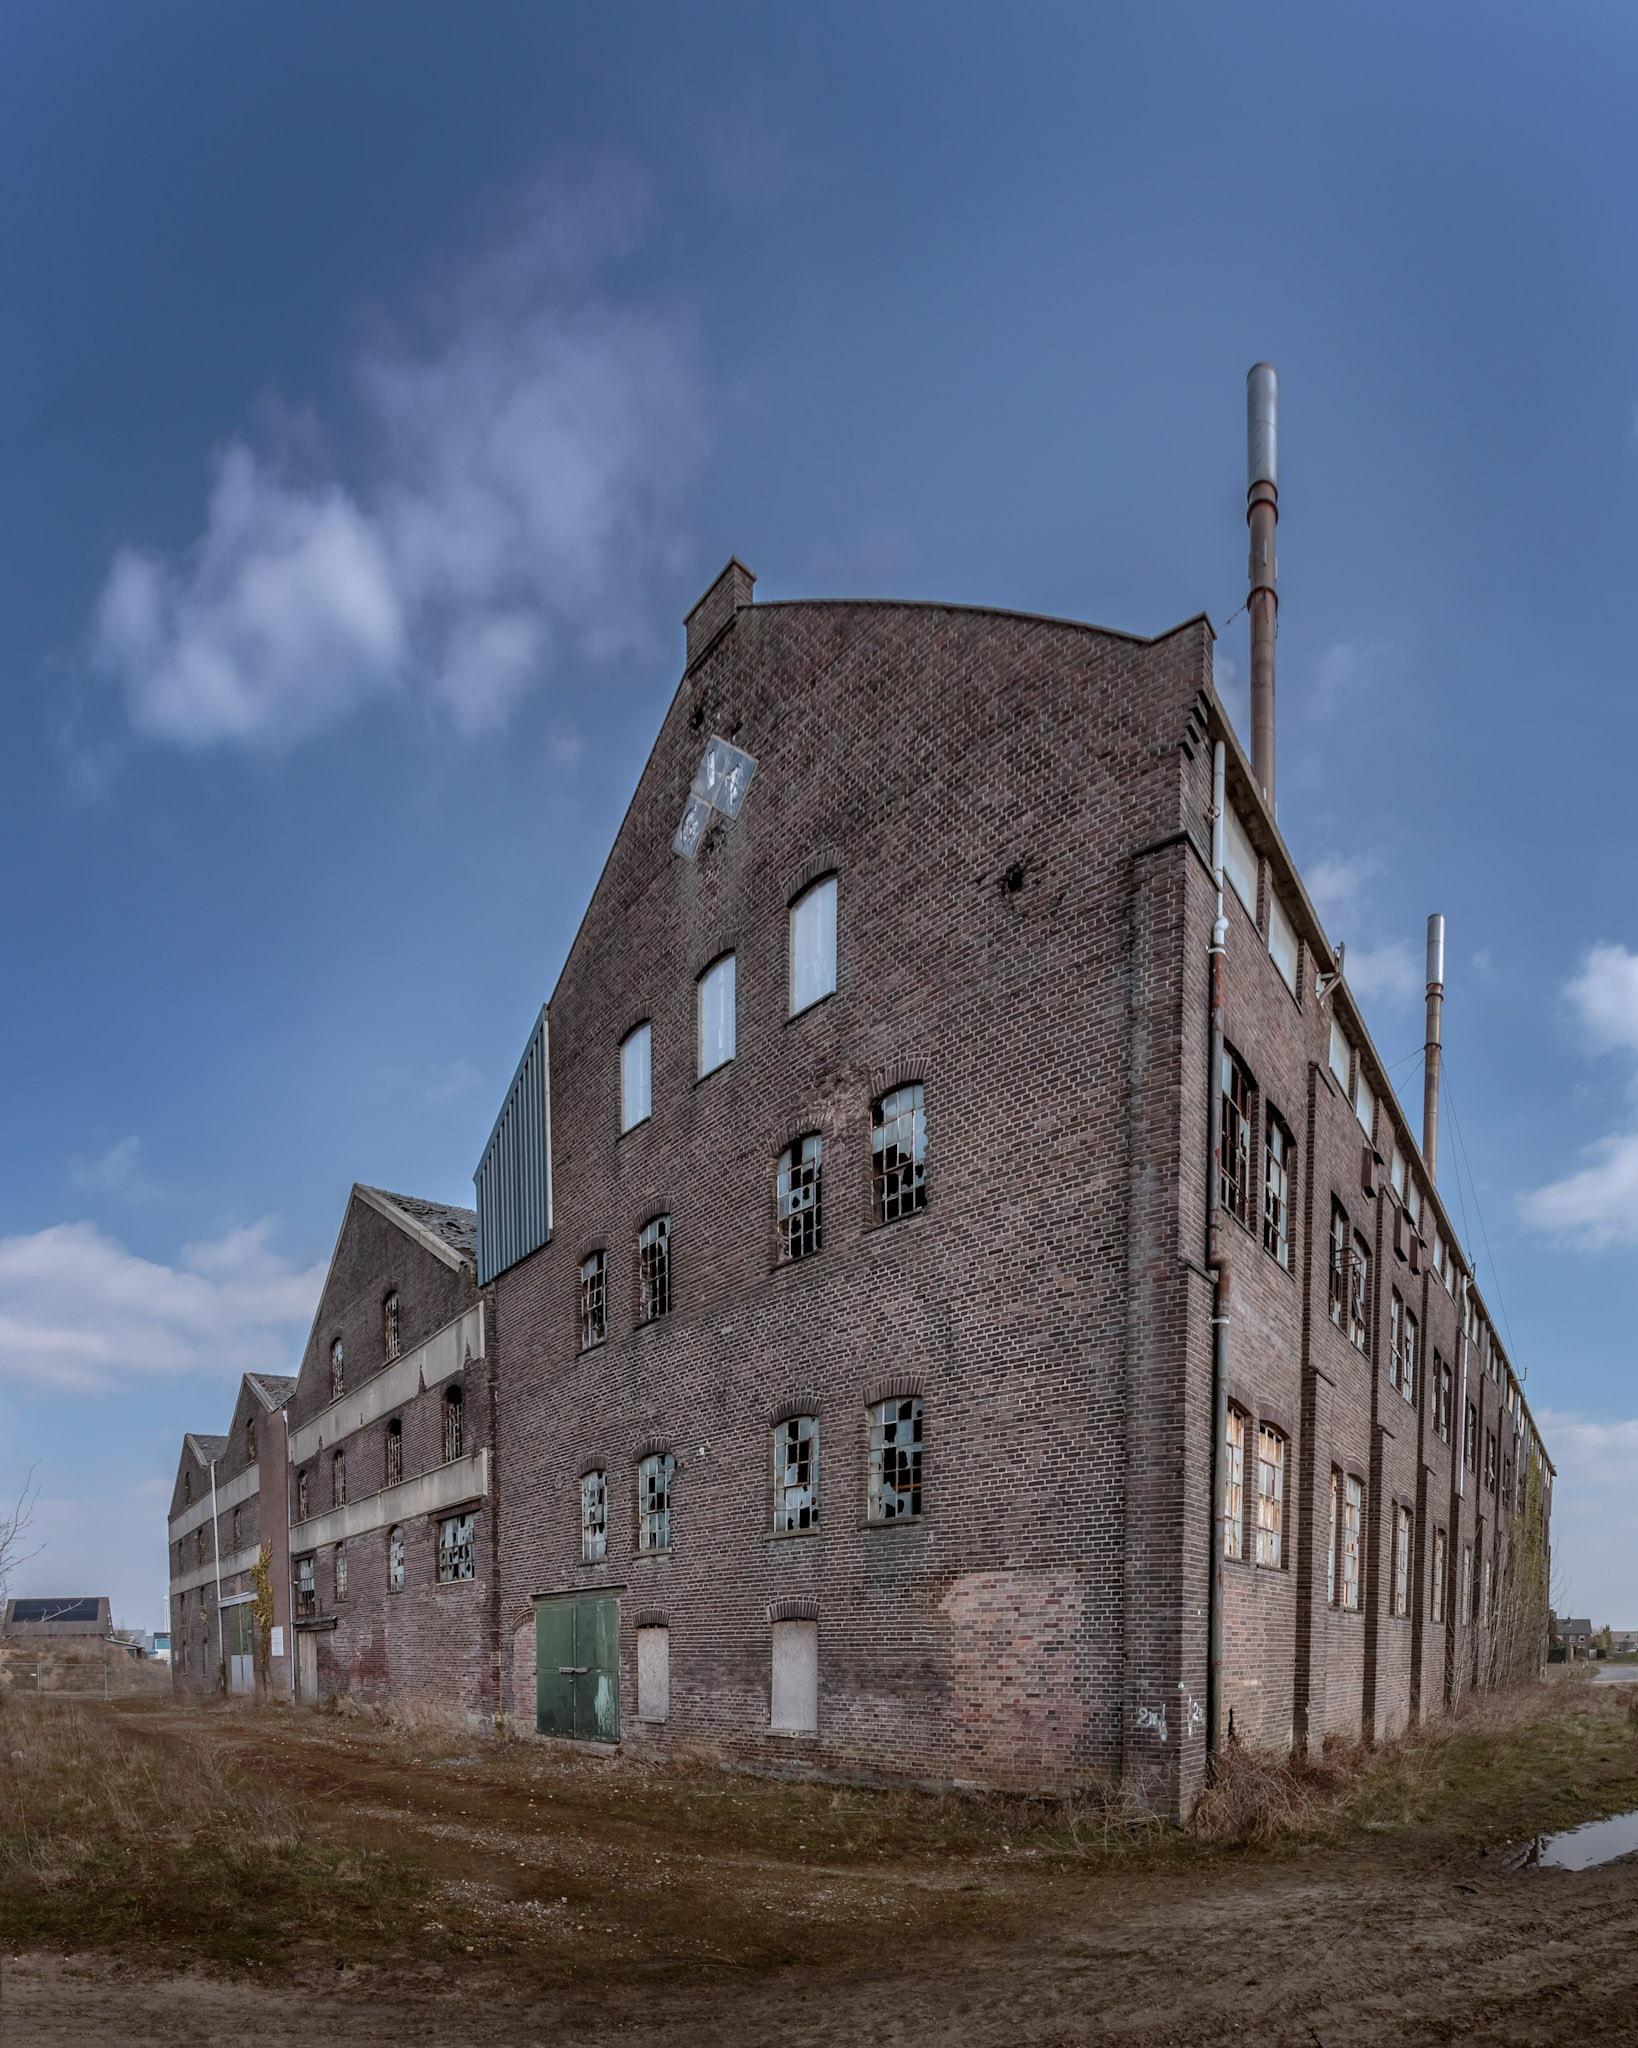 Greswarenfabriek  by Rob Menting